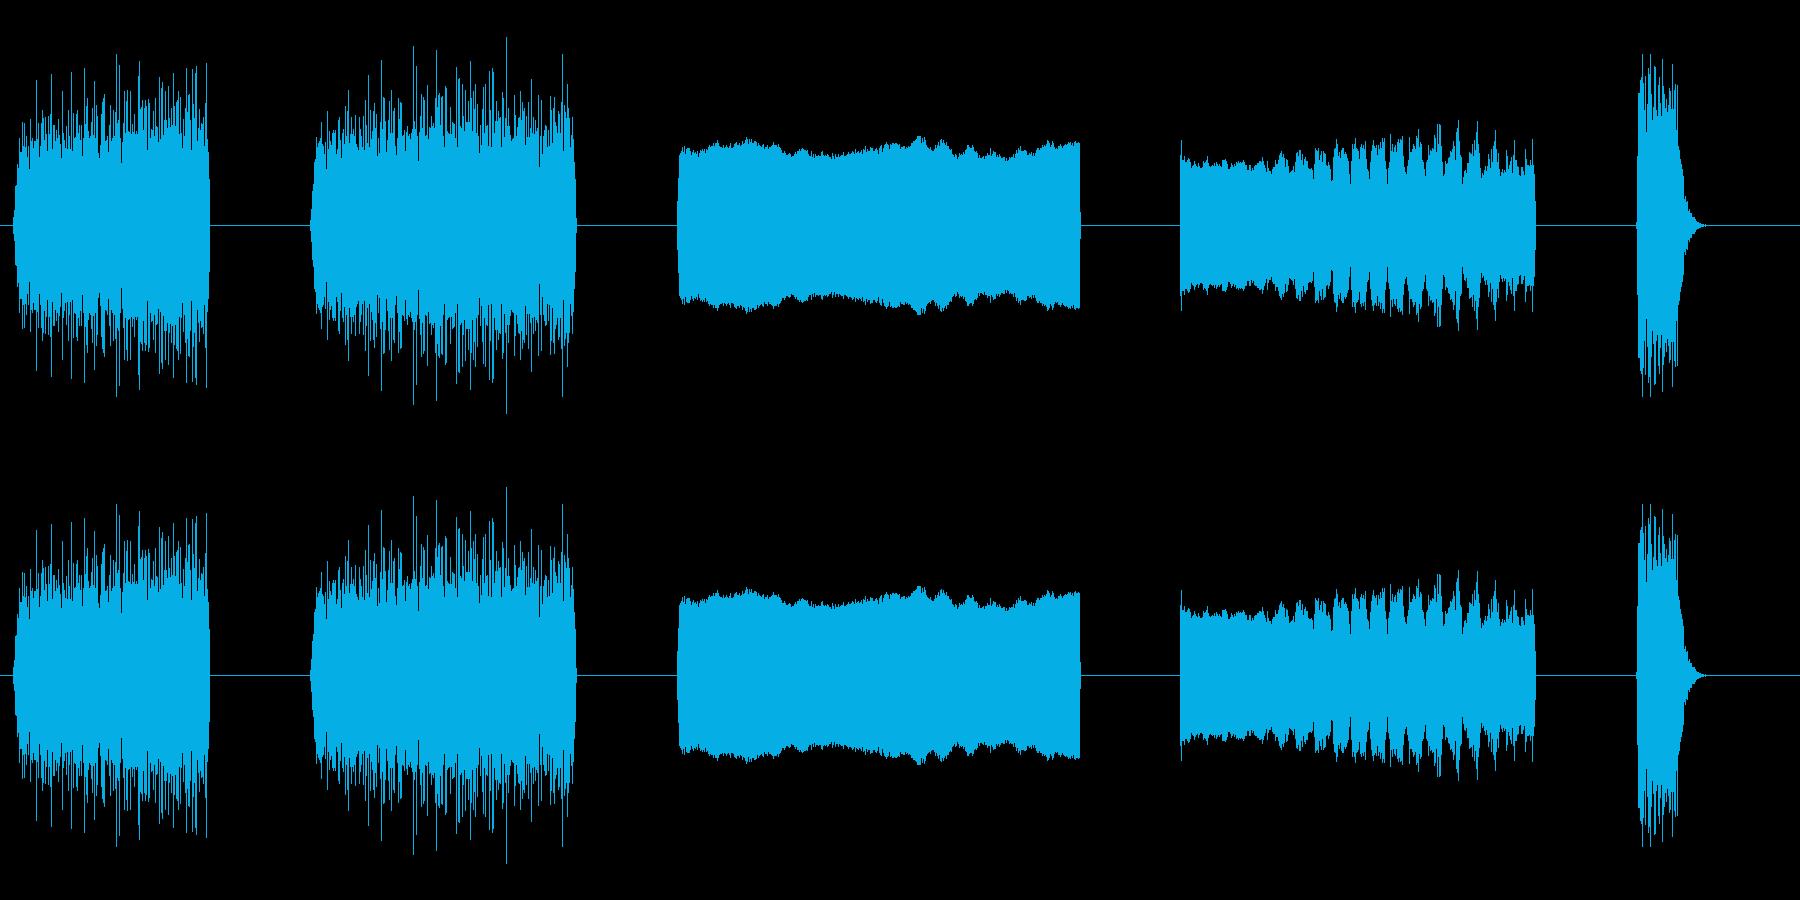 レーザービームミディアムレーザービ...の再生済みの波形